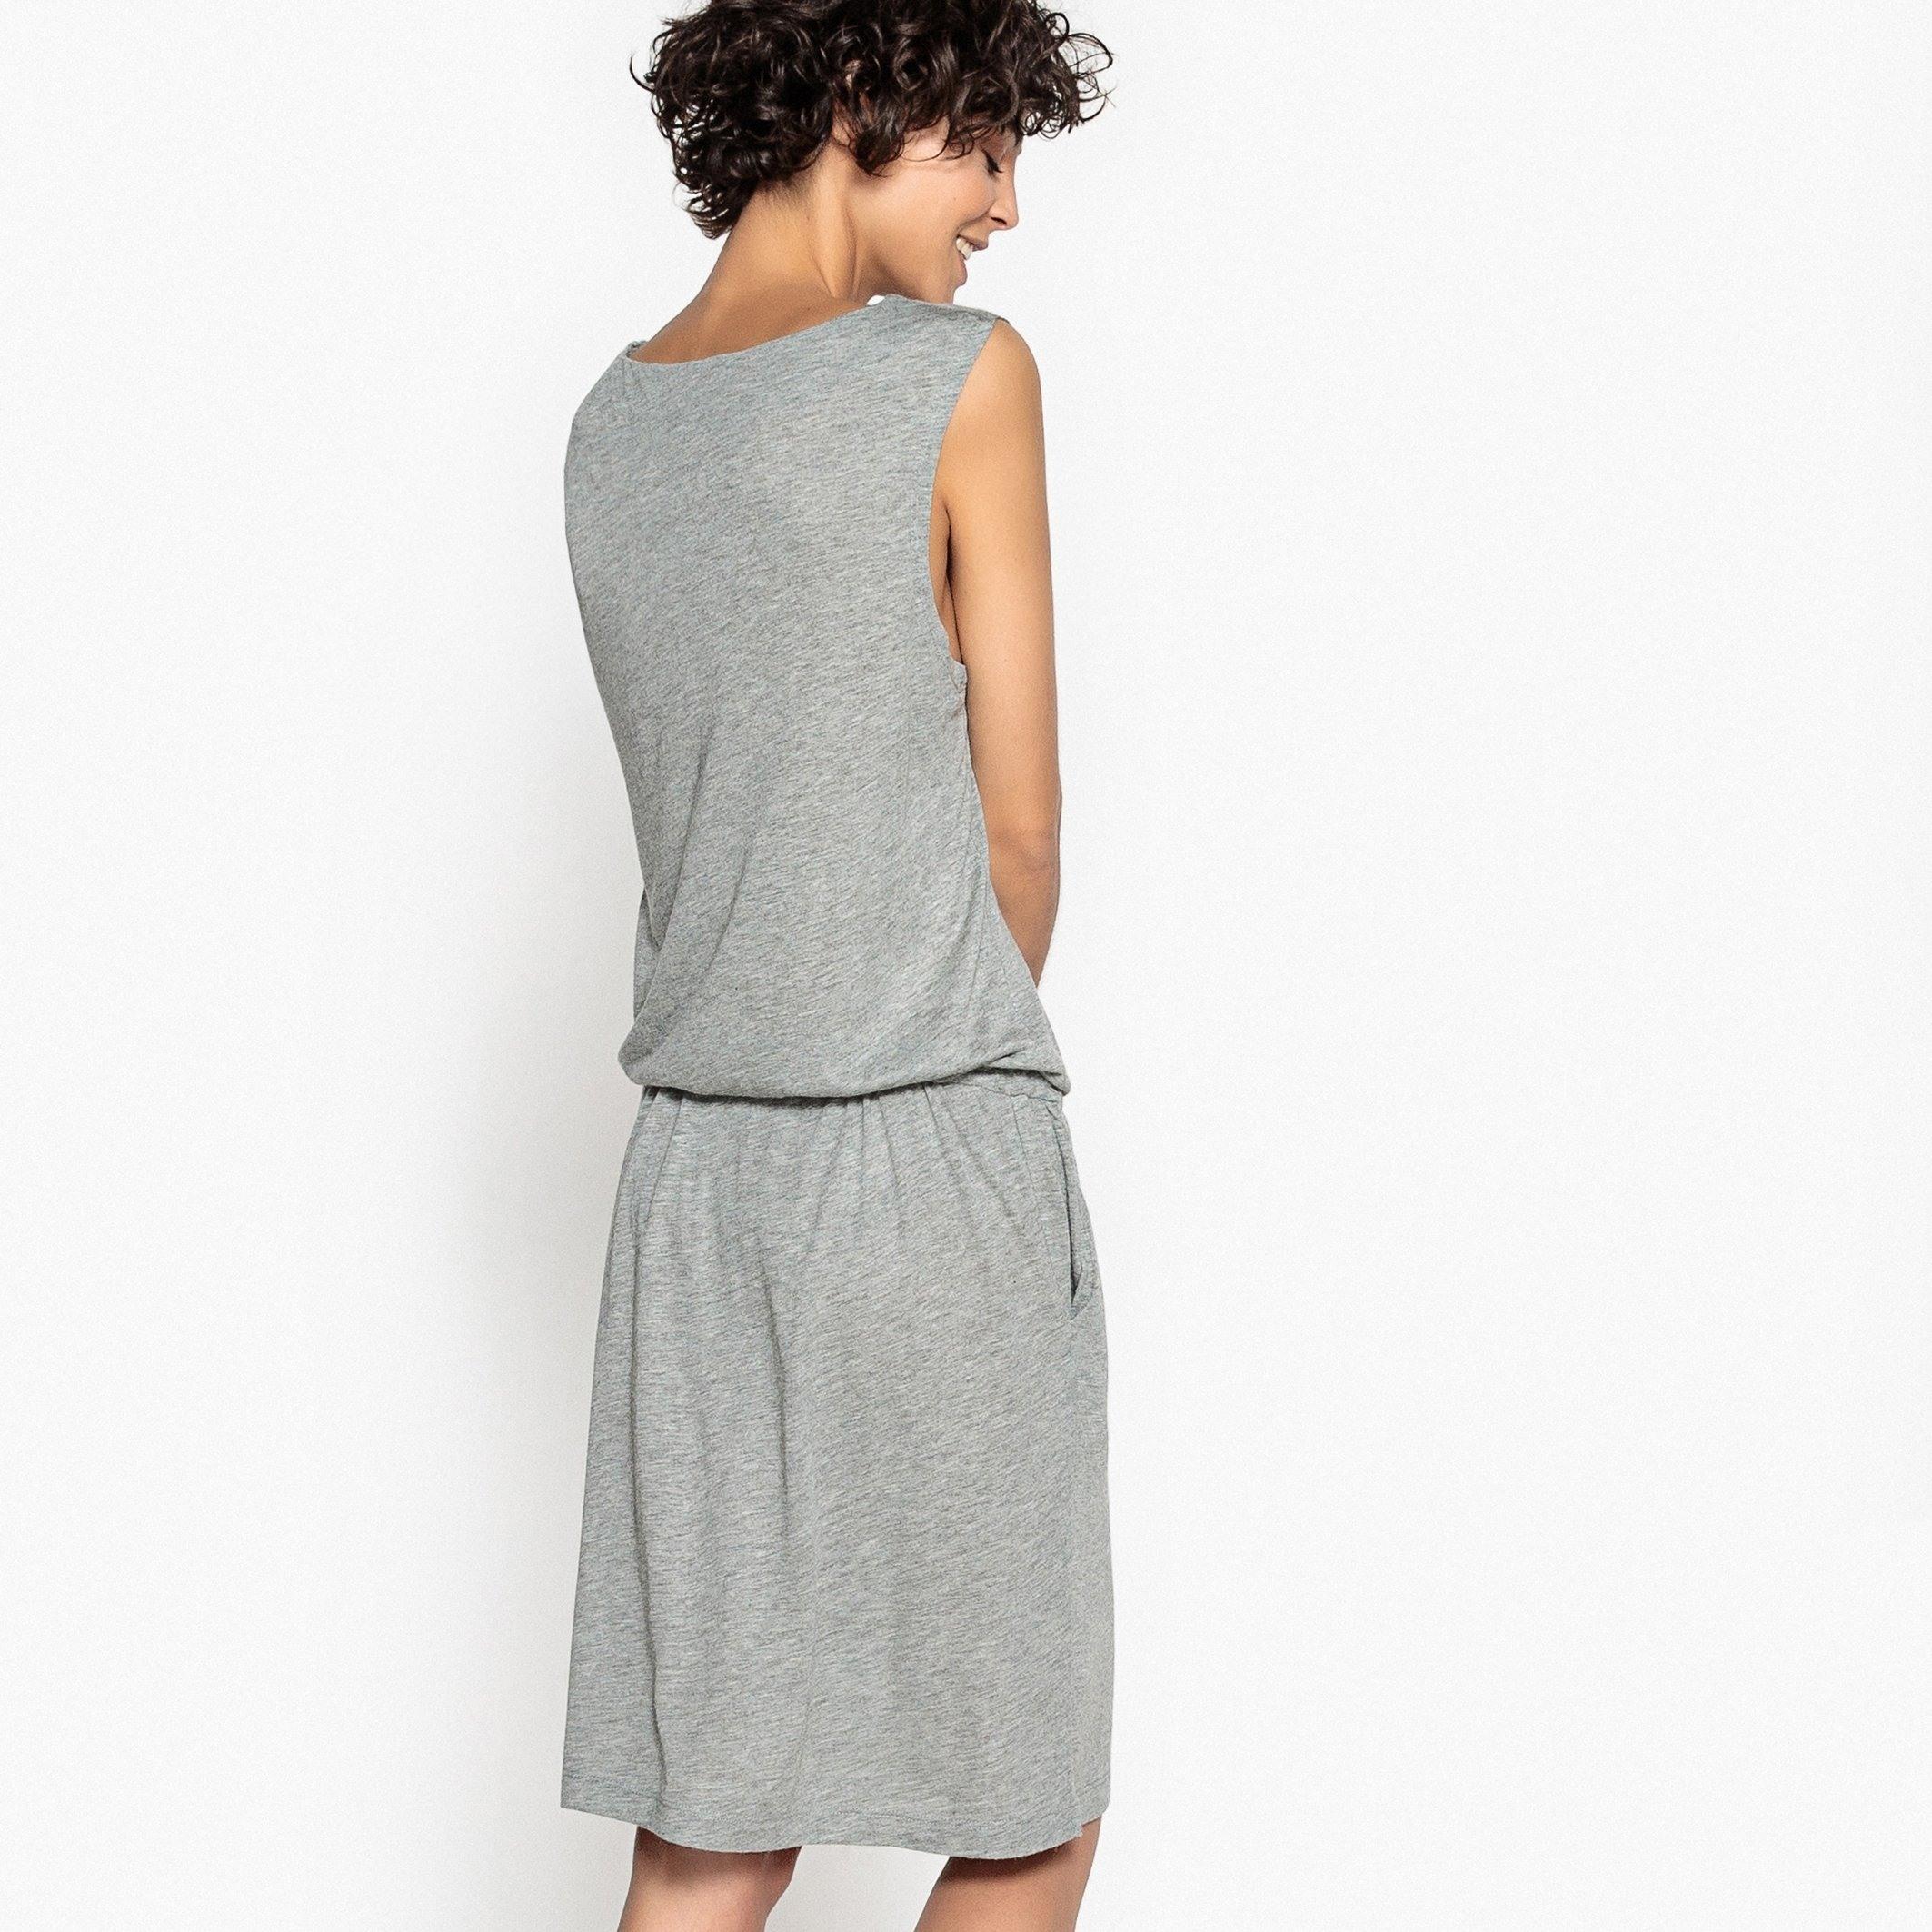 17 Luxus Kleid A Form Ärmel10 Schön Kleid A Form Bester Preis